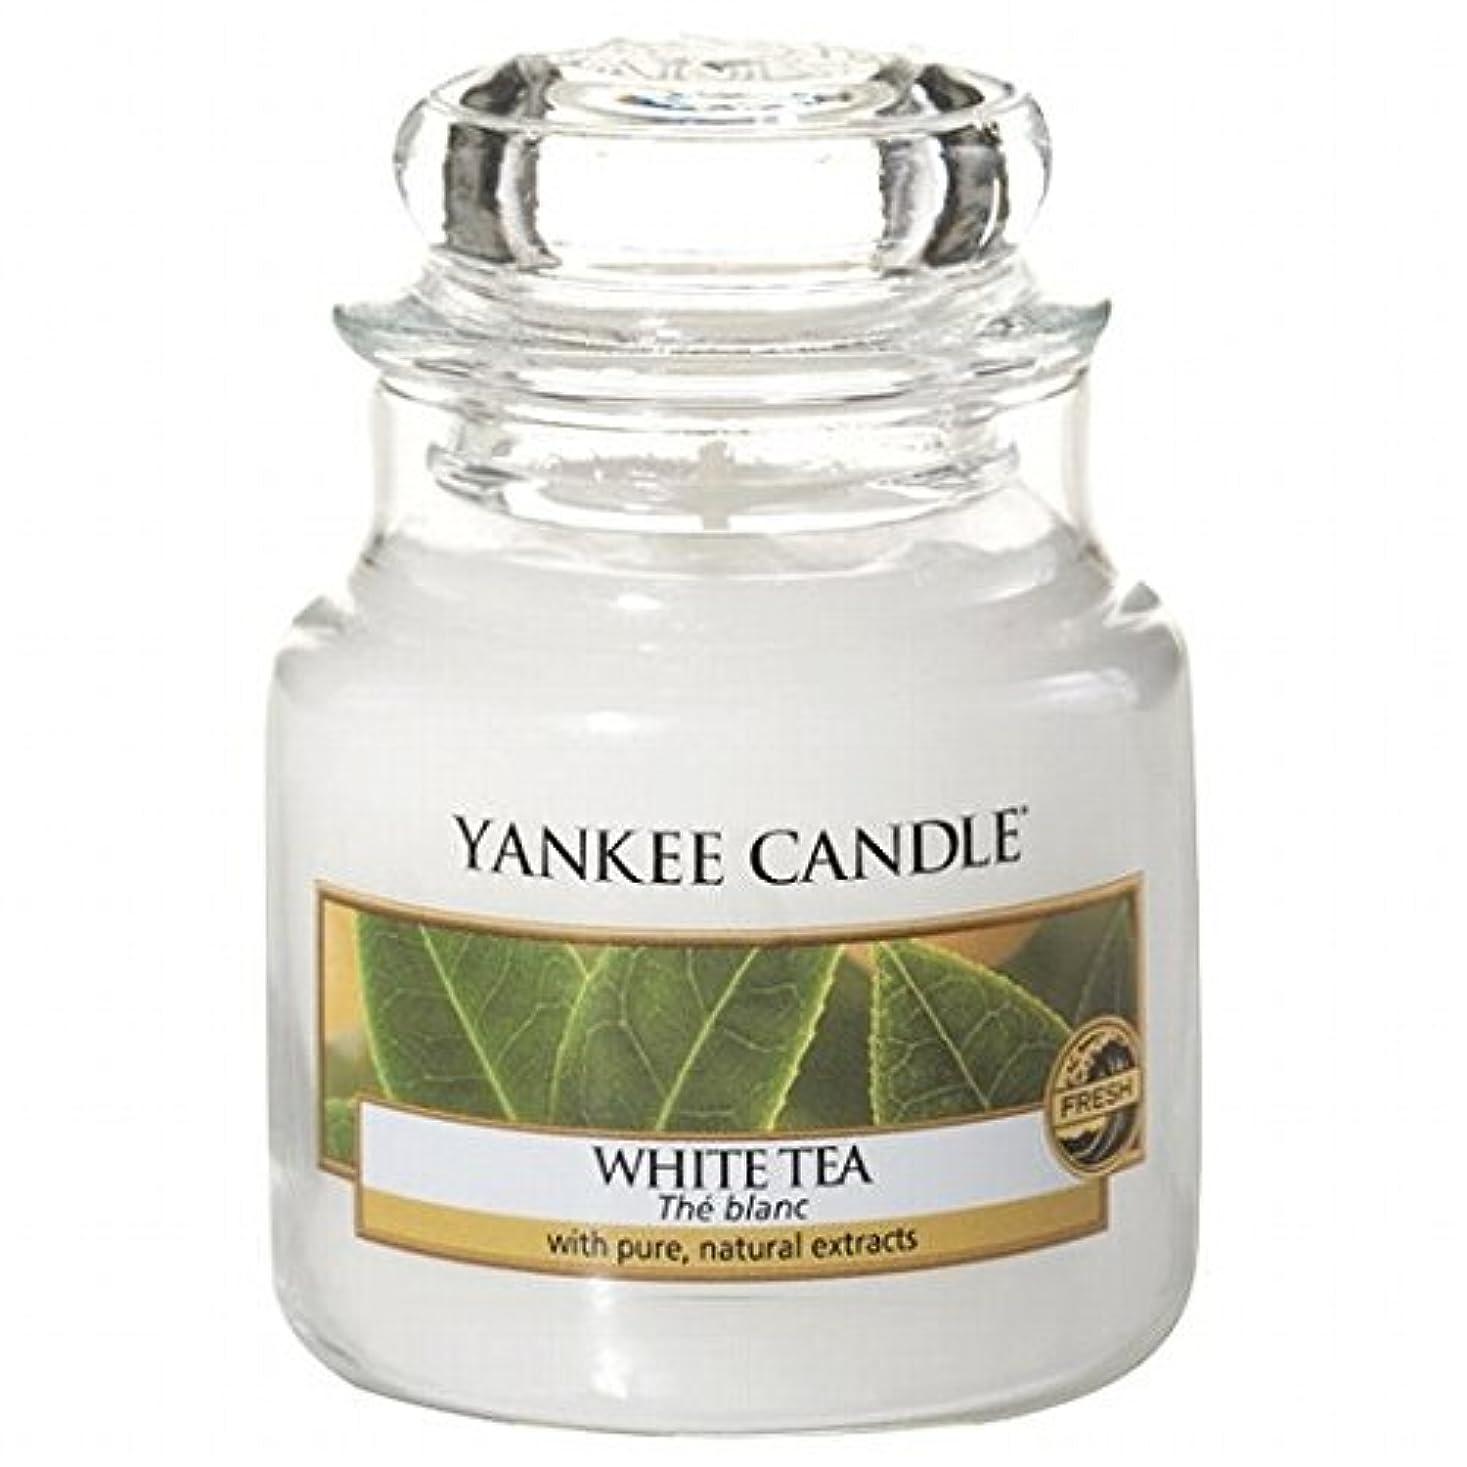 羊の服を着た狼口述する止まるYANKEE CANDLE(ヤンキーキャンドル) YANKEE CANDLE ジャーS 「ホワイトティー」(K00305277)